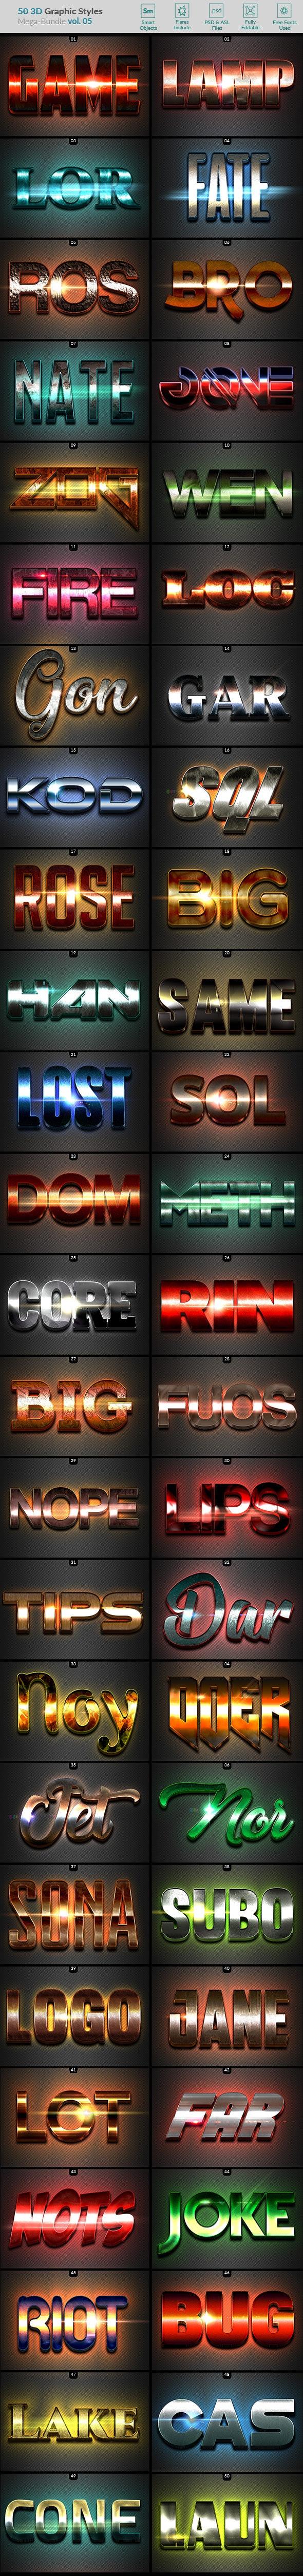 50 3D Text Effects - Bundle Vol. 05 - Styles Photoshop